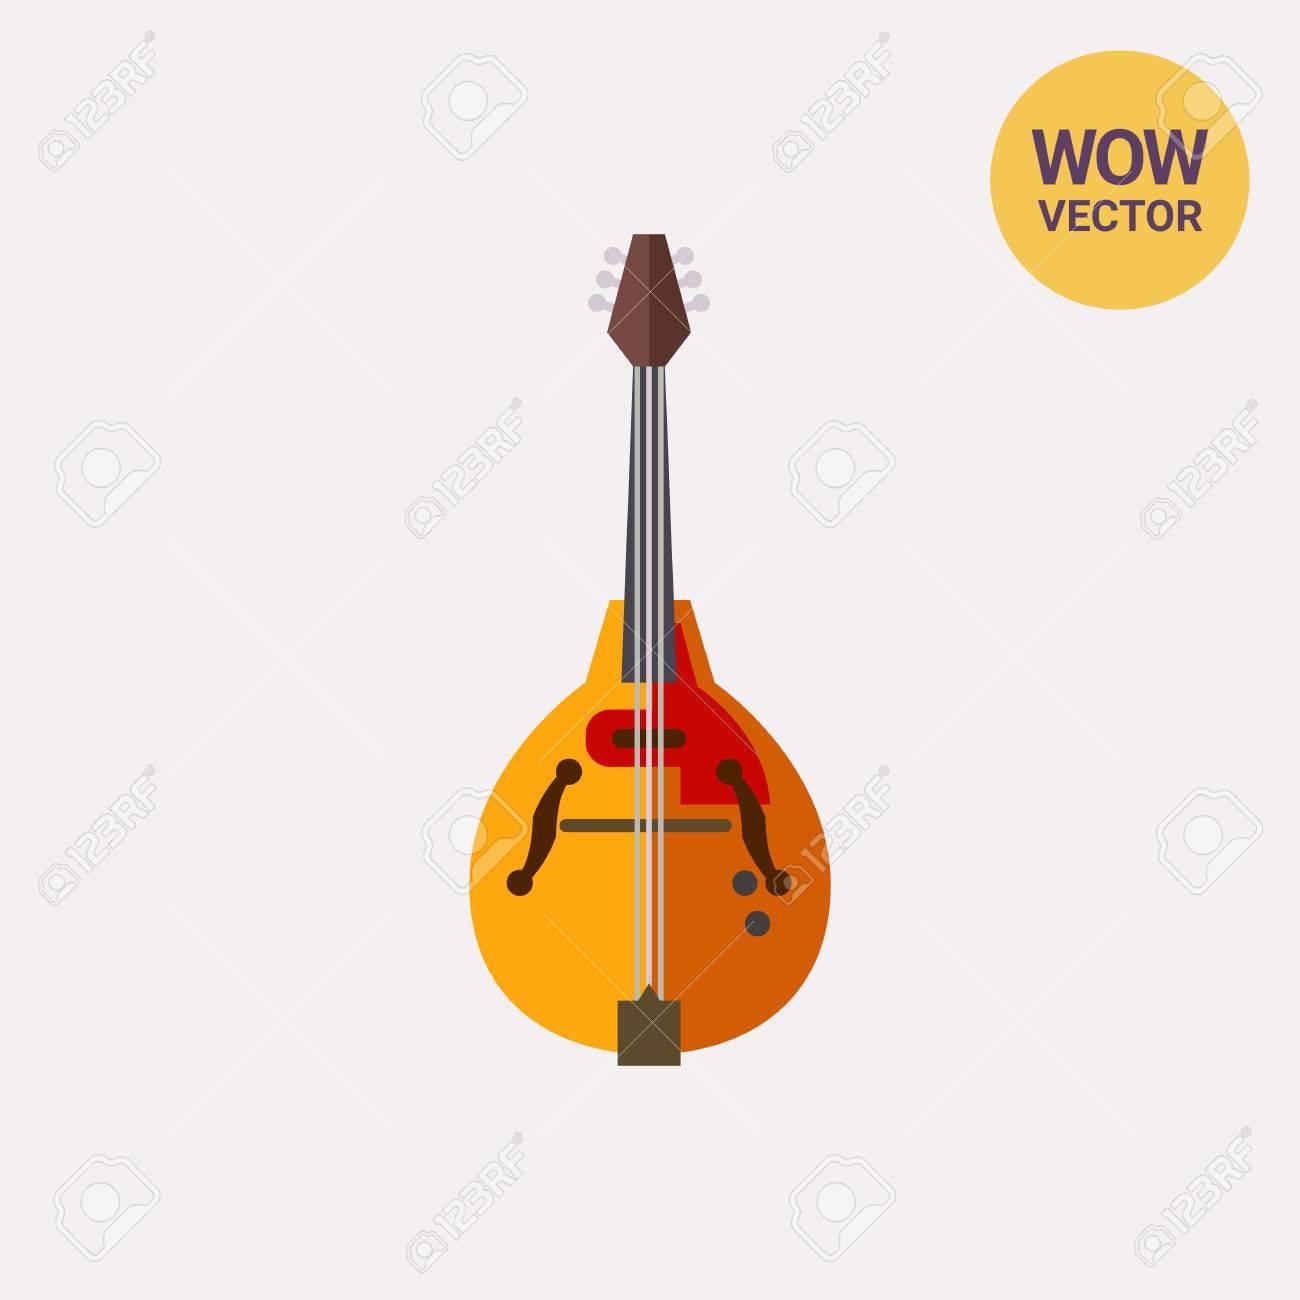 マンドリン楽器アイコンのイラスト素材ベクタ Image 76273500